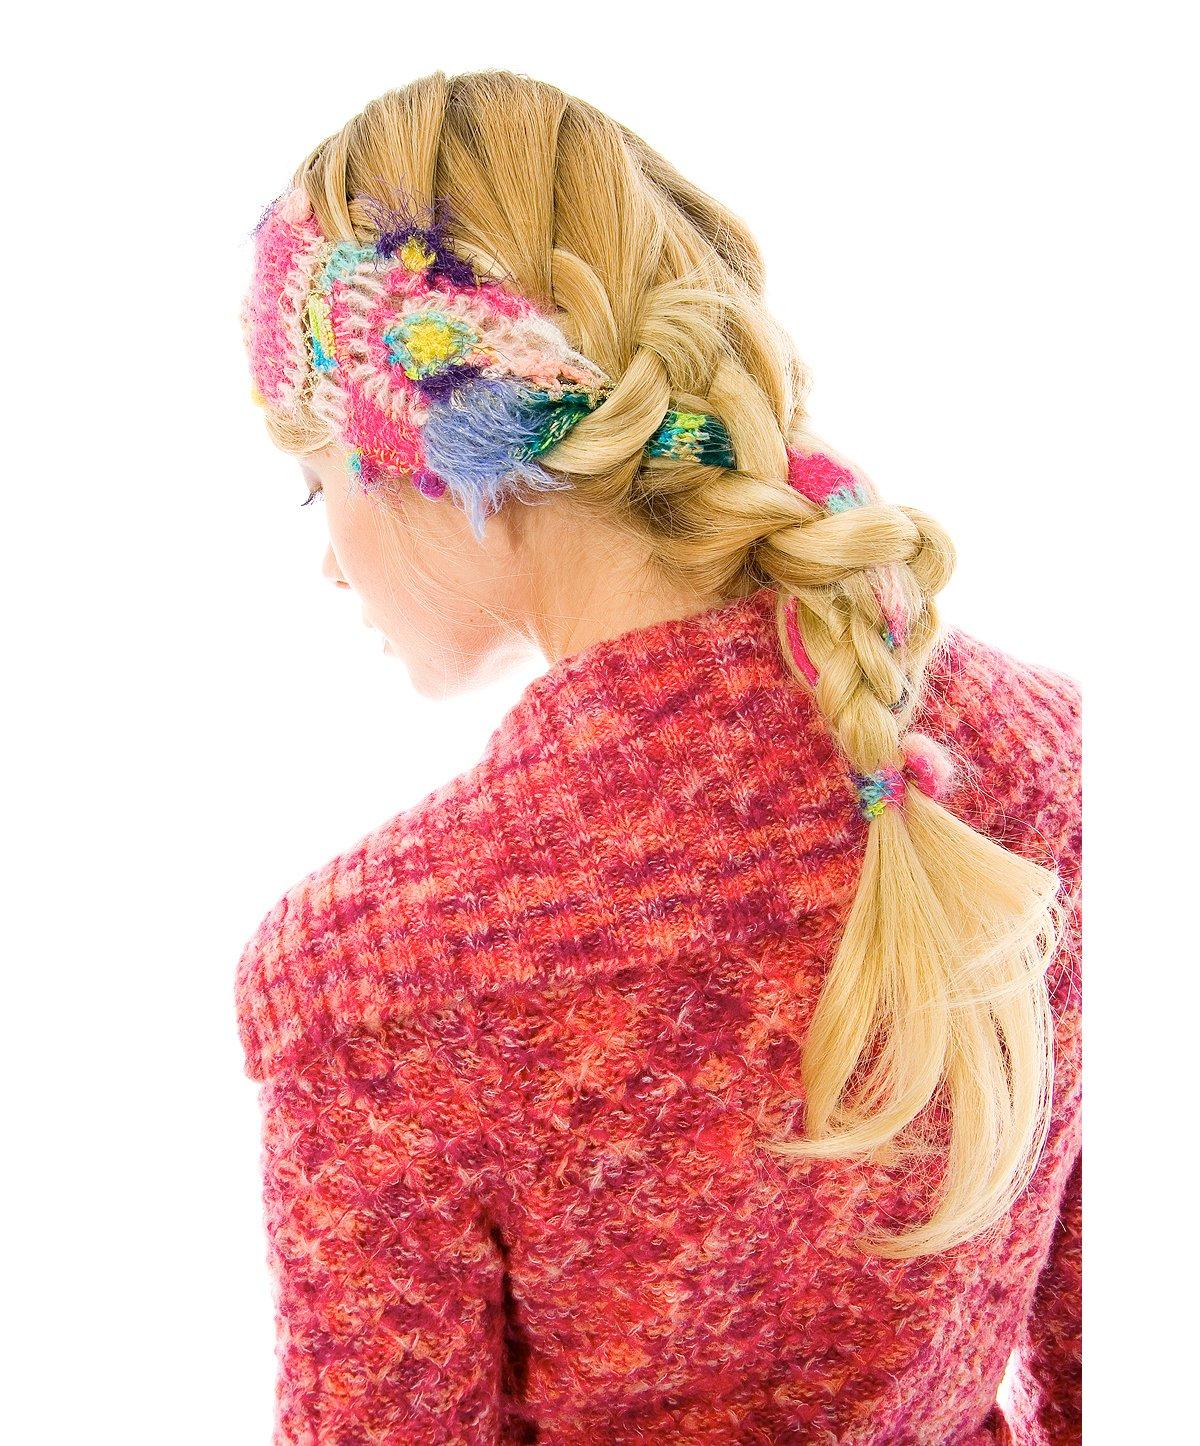 Mismatched Yarn Headband